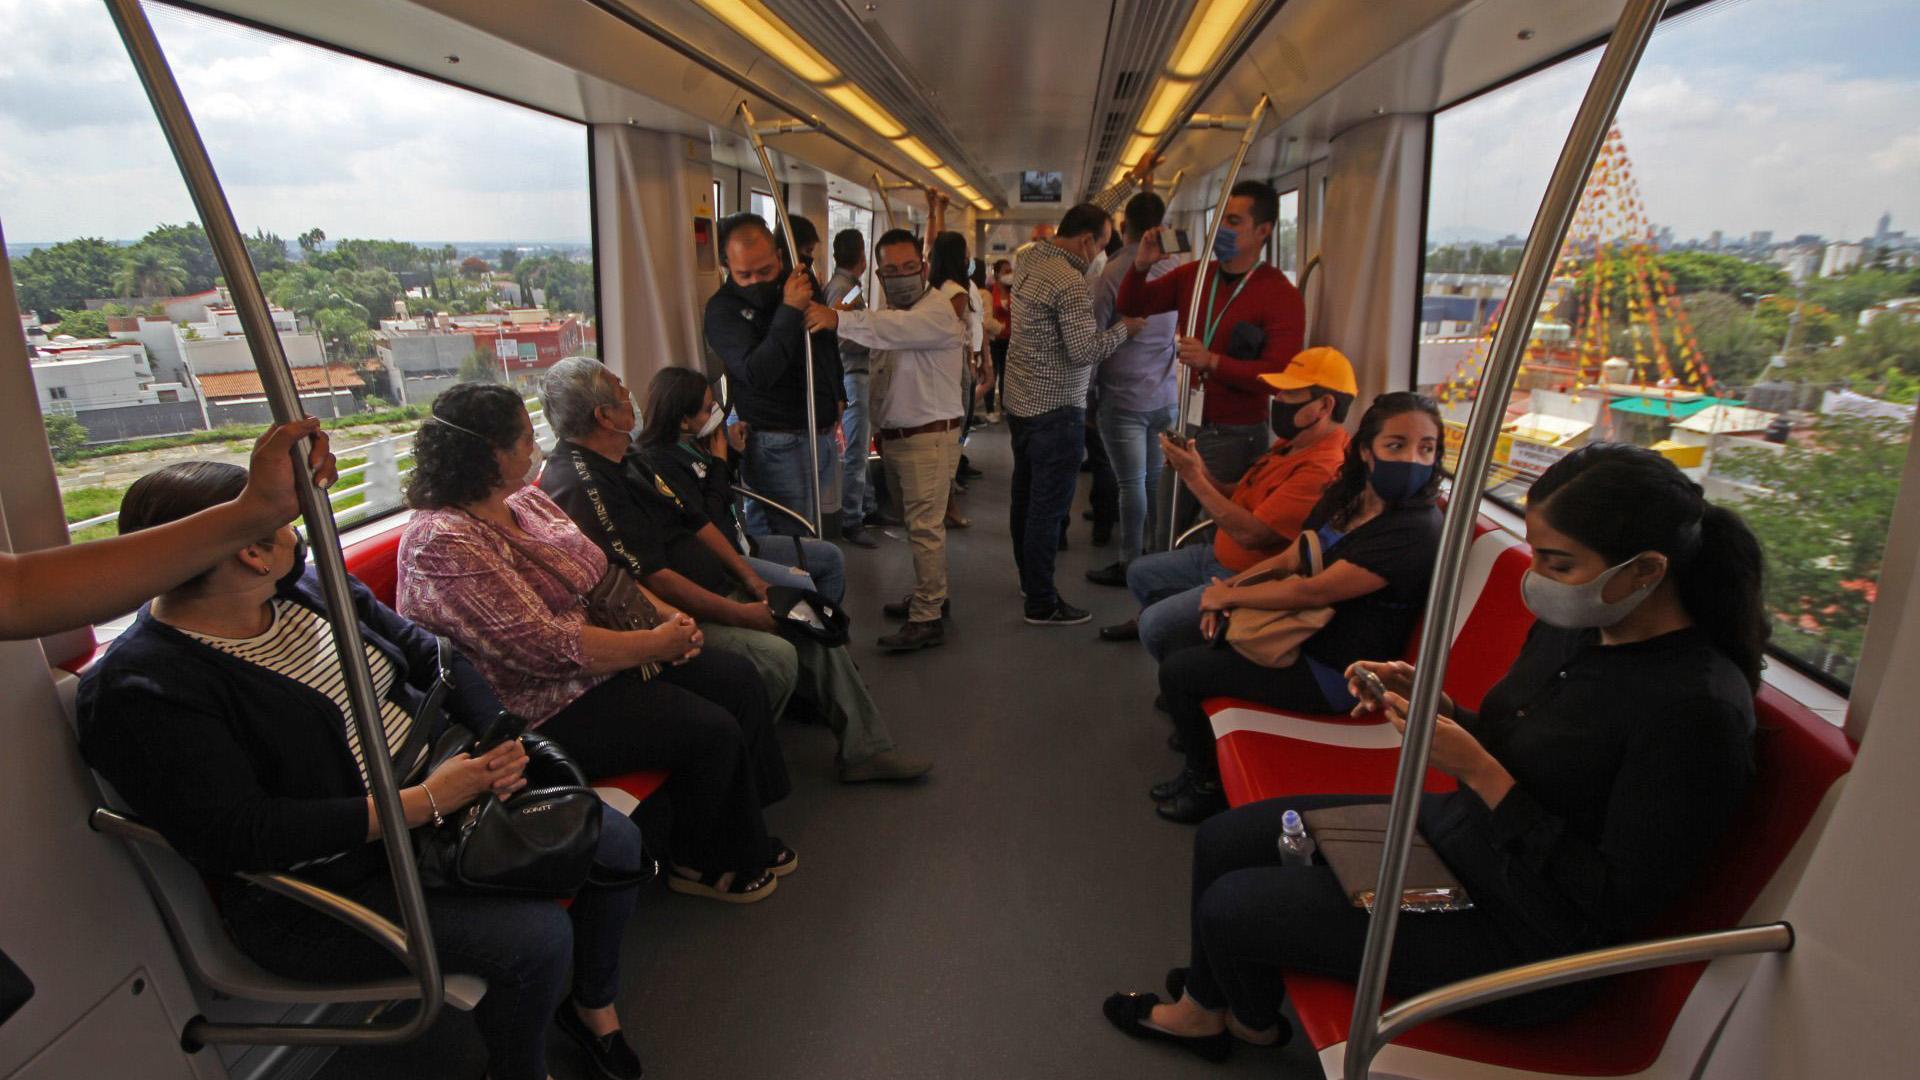 Personas invitadas al recorrido del tren ligero disfrutan de su operatividad en uno de los trayectos que realizo (Foto: Cuartoscuro)